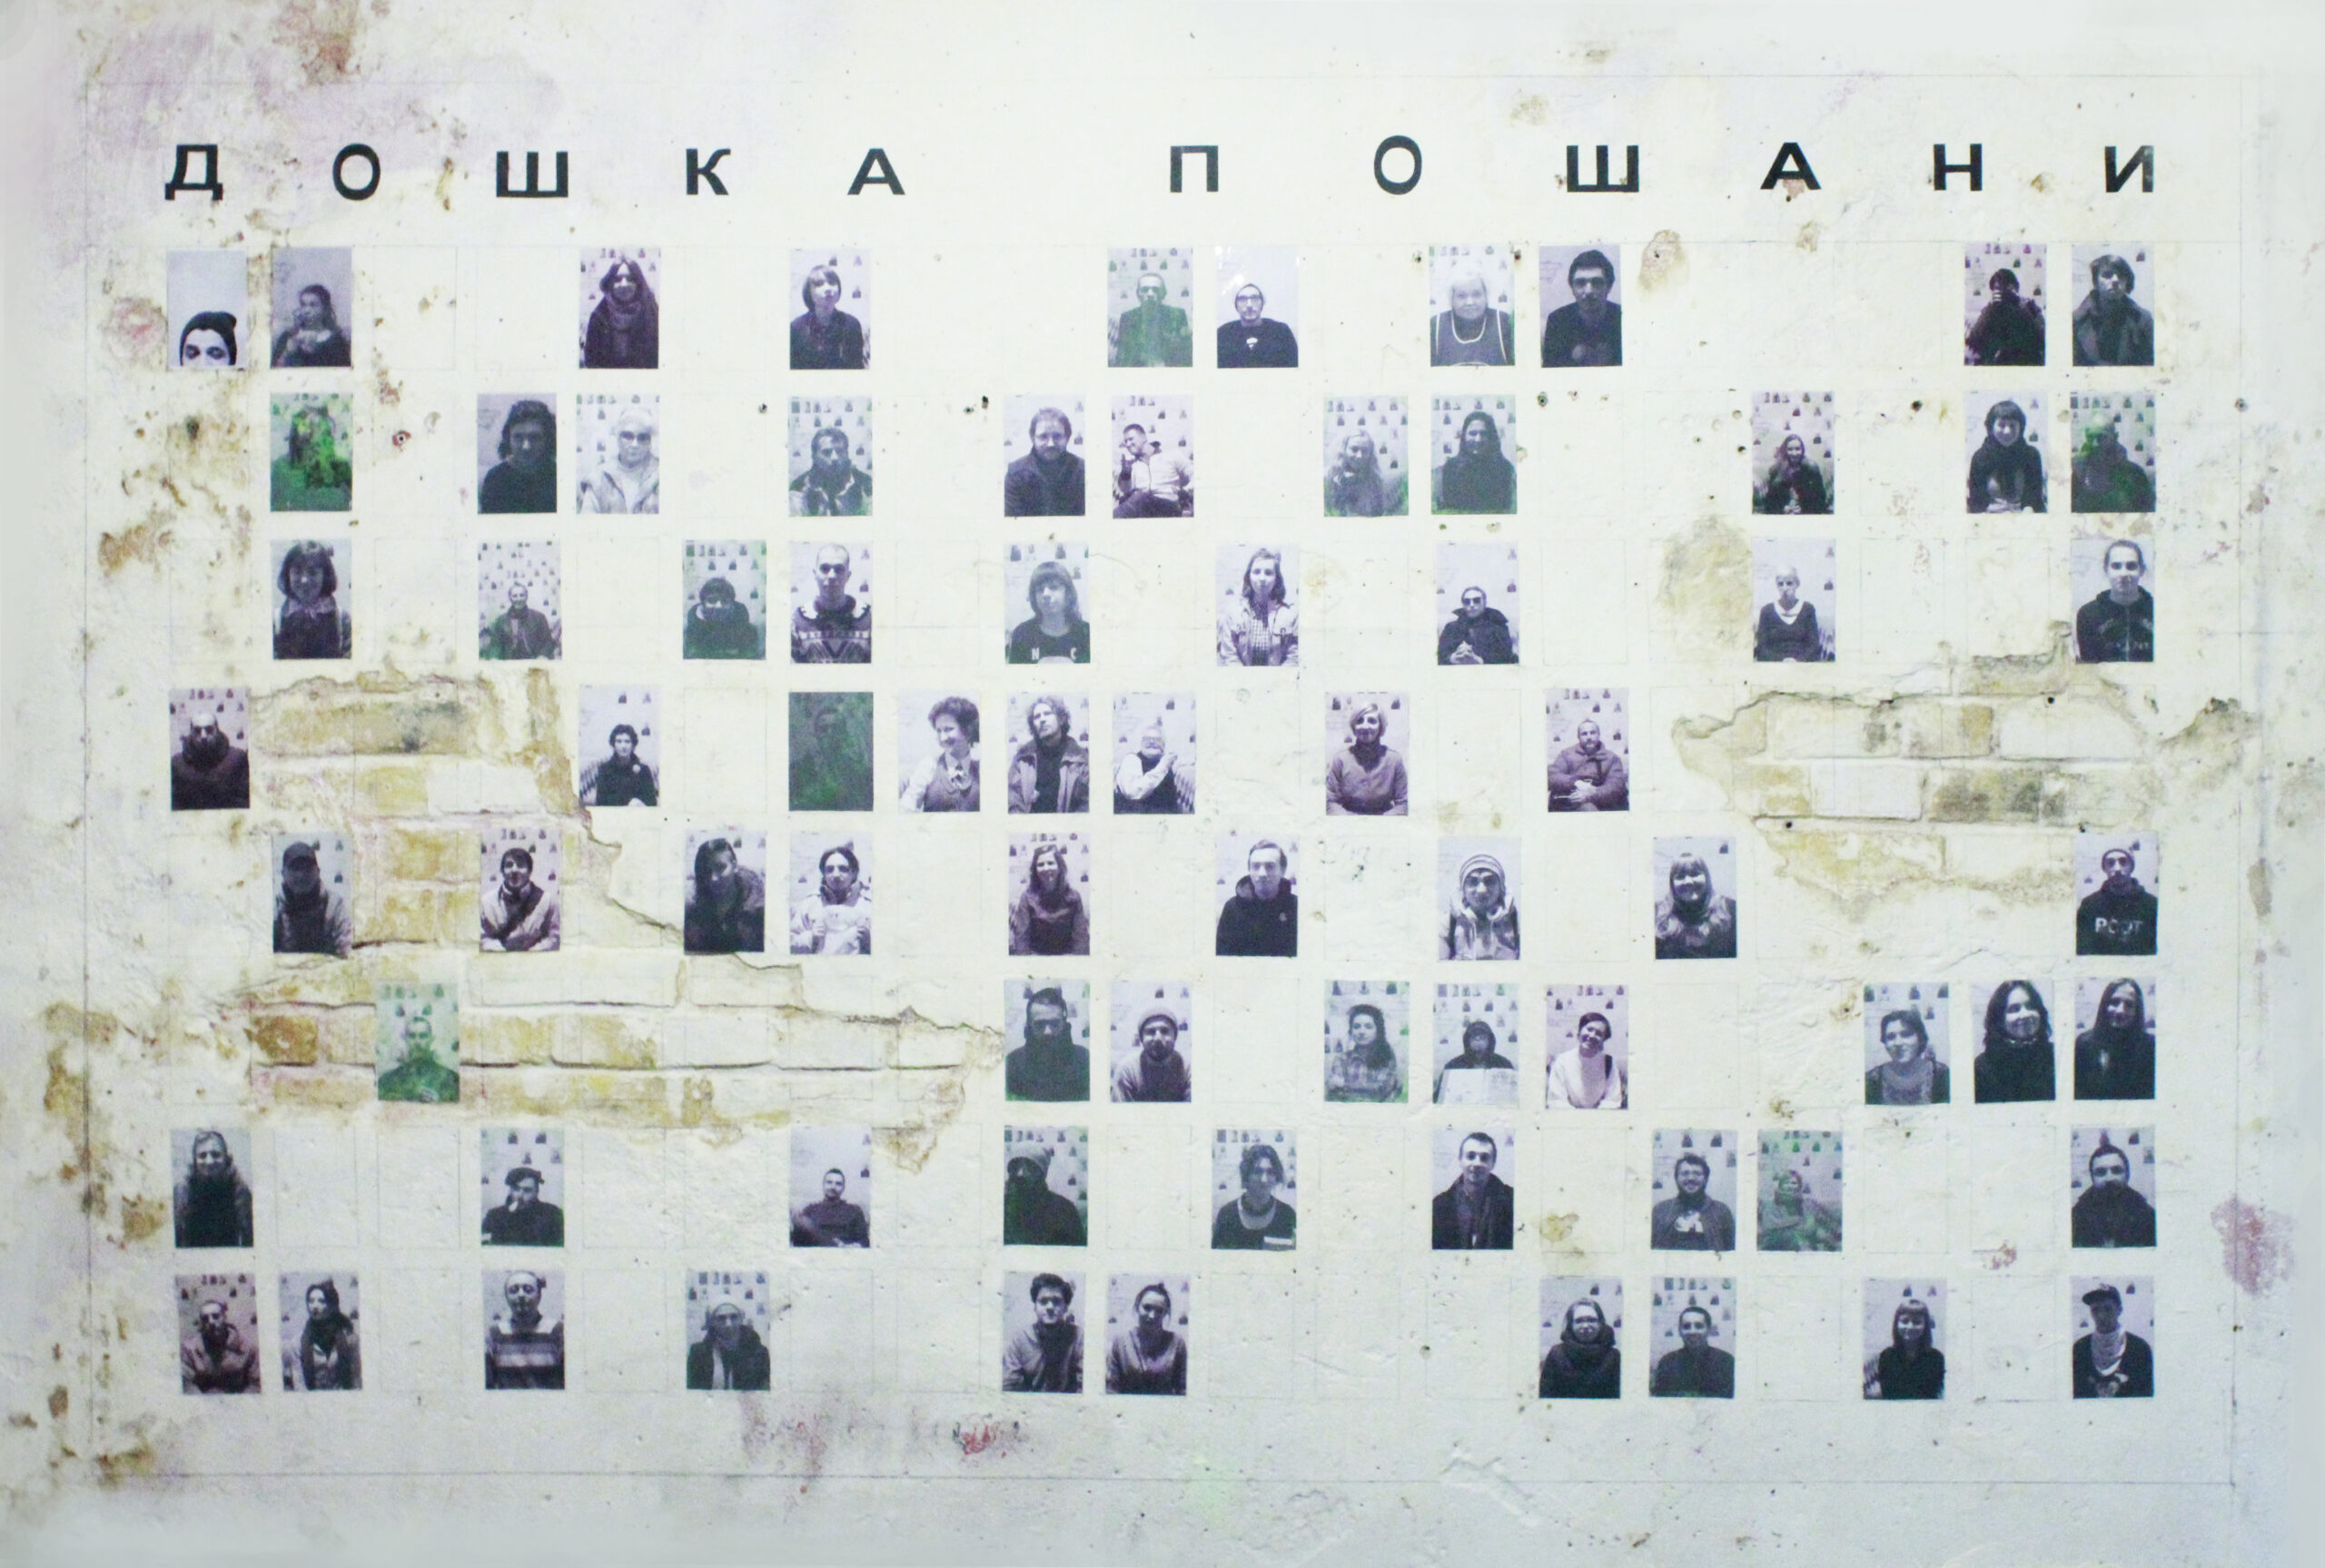 «Дошка пошани», Юрій Білей, 2013